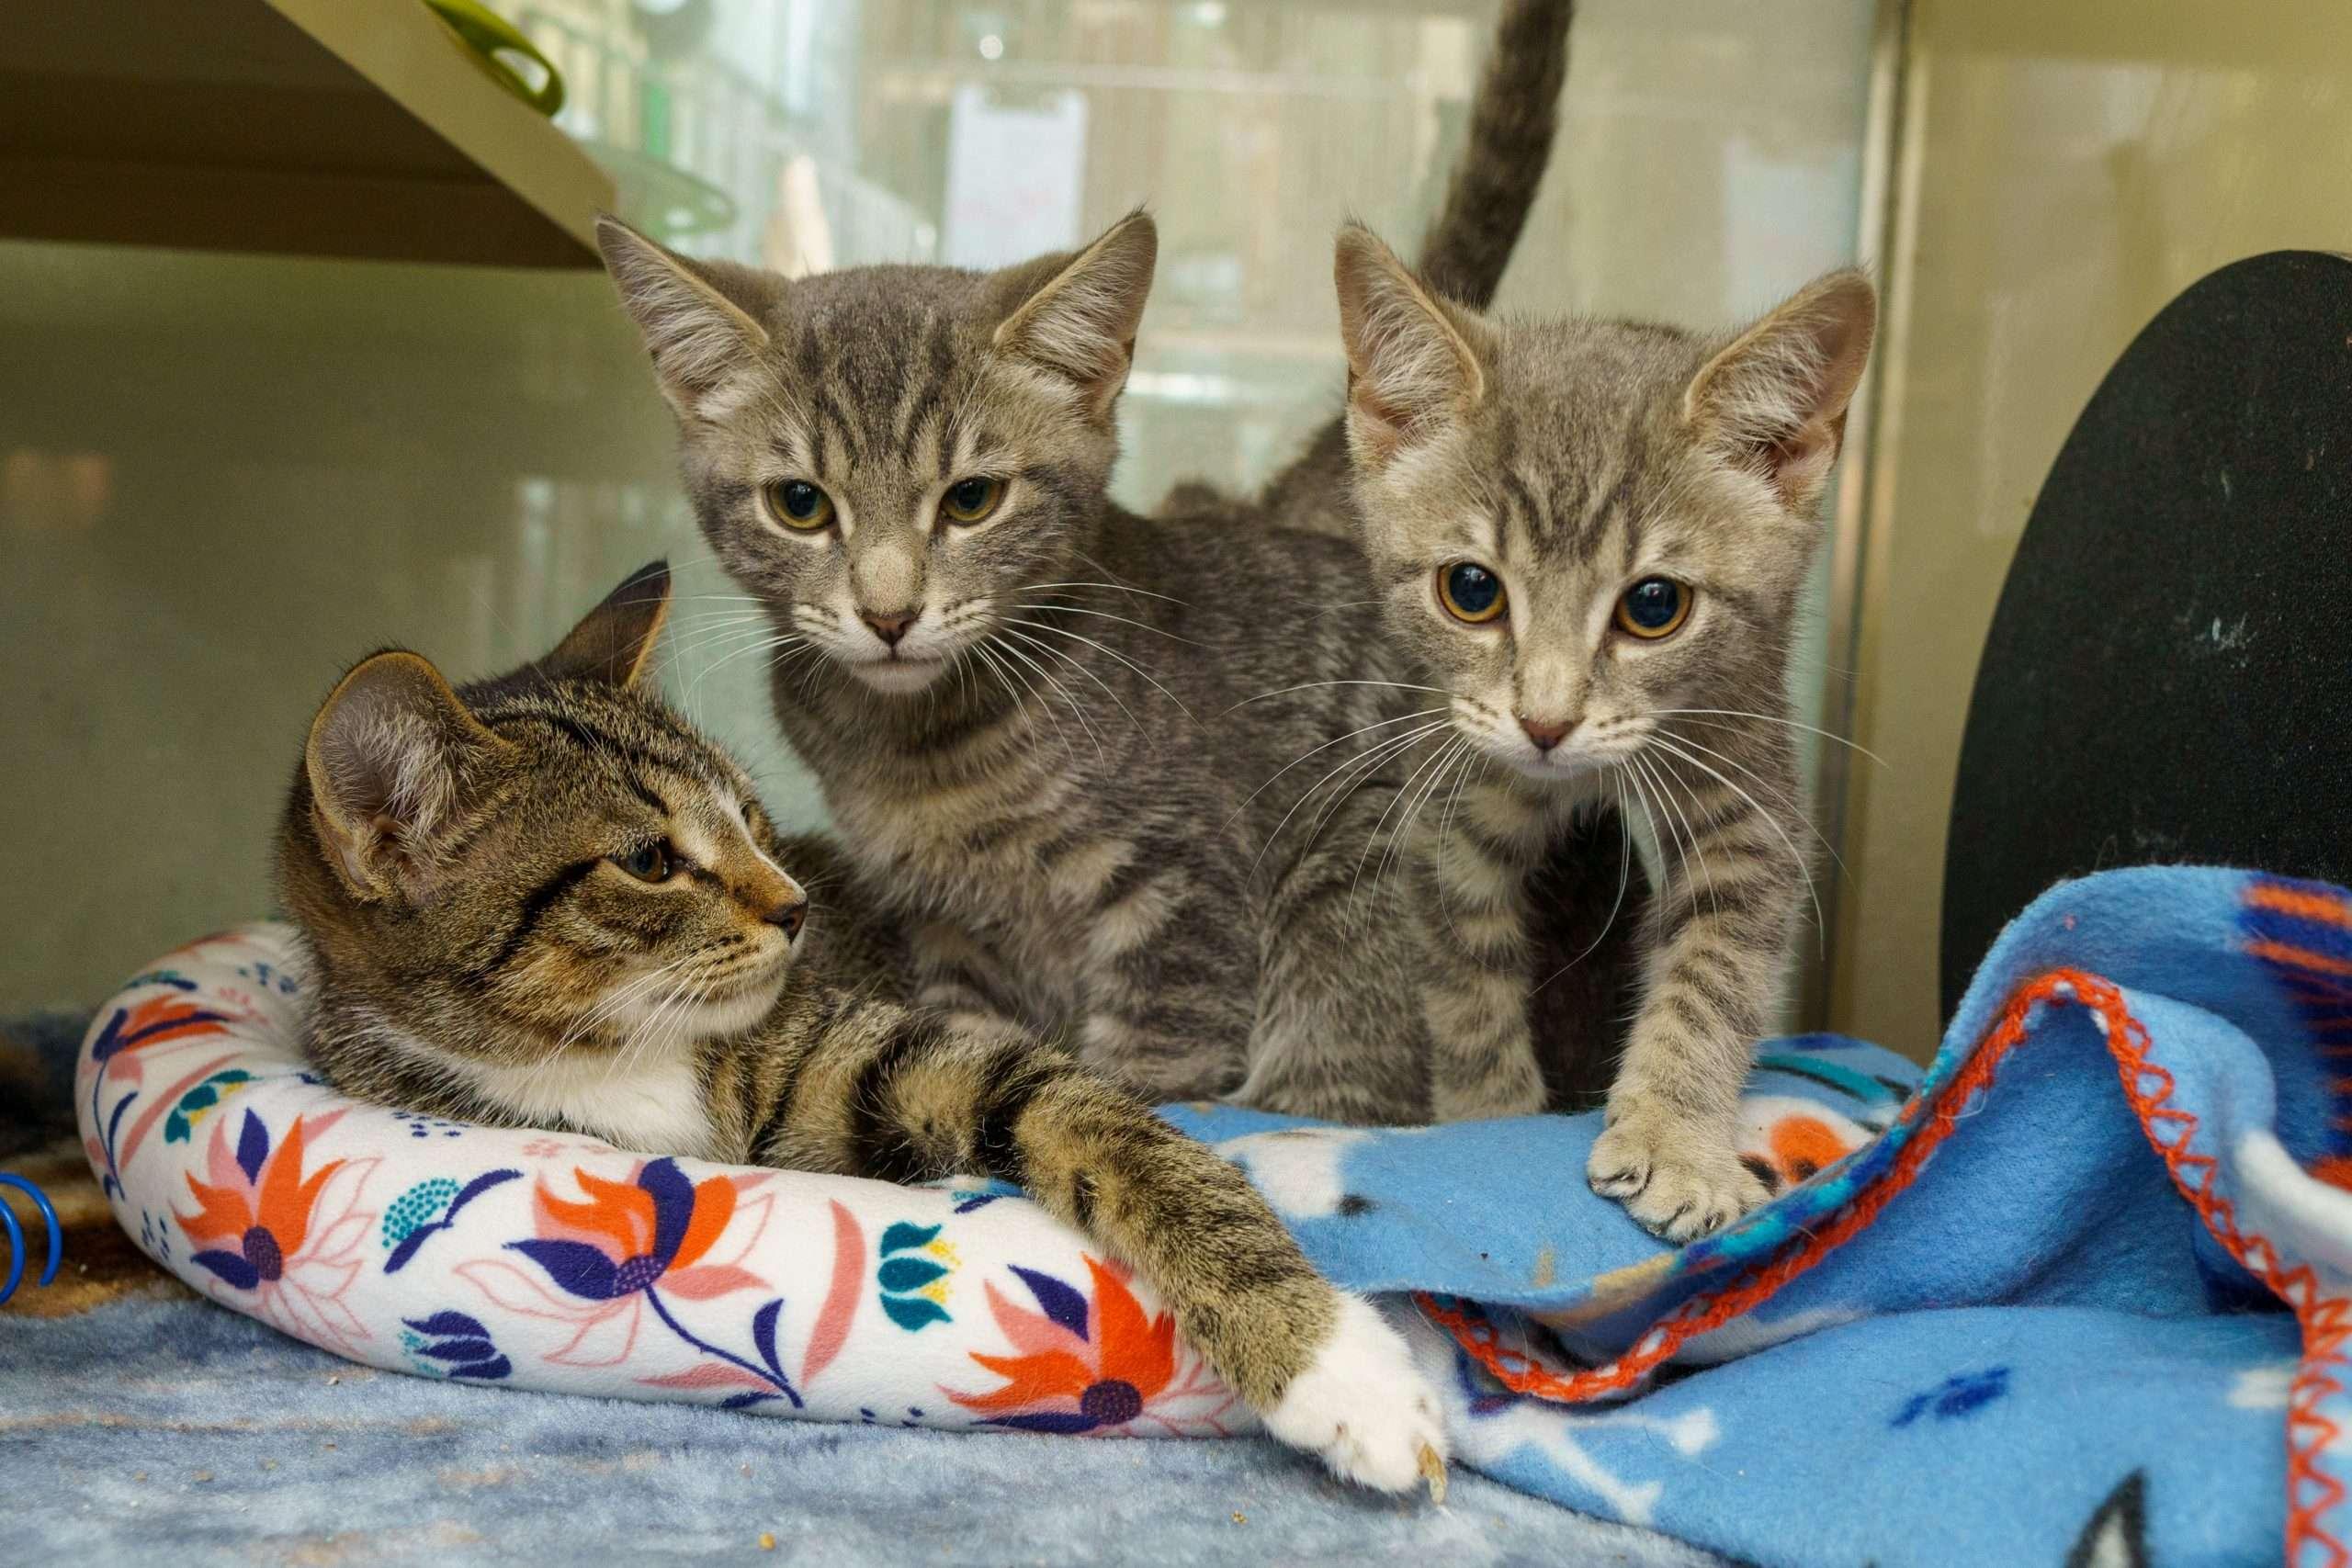 FuRRR Feline Rescue Cat Adoption